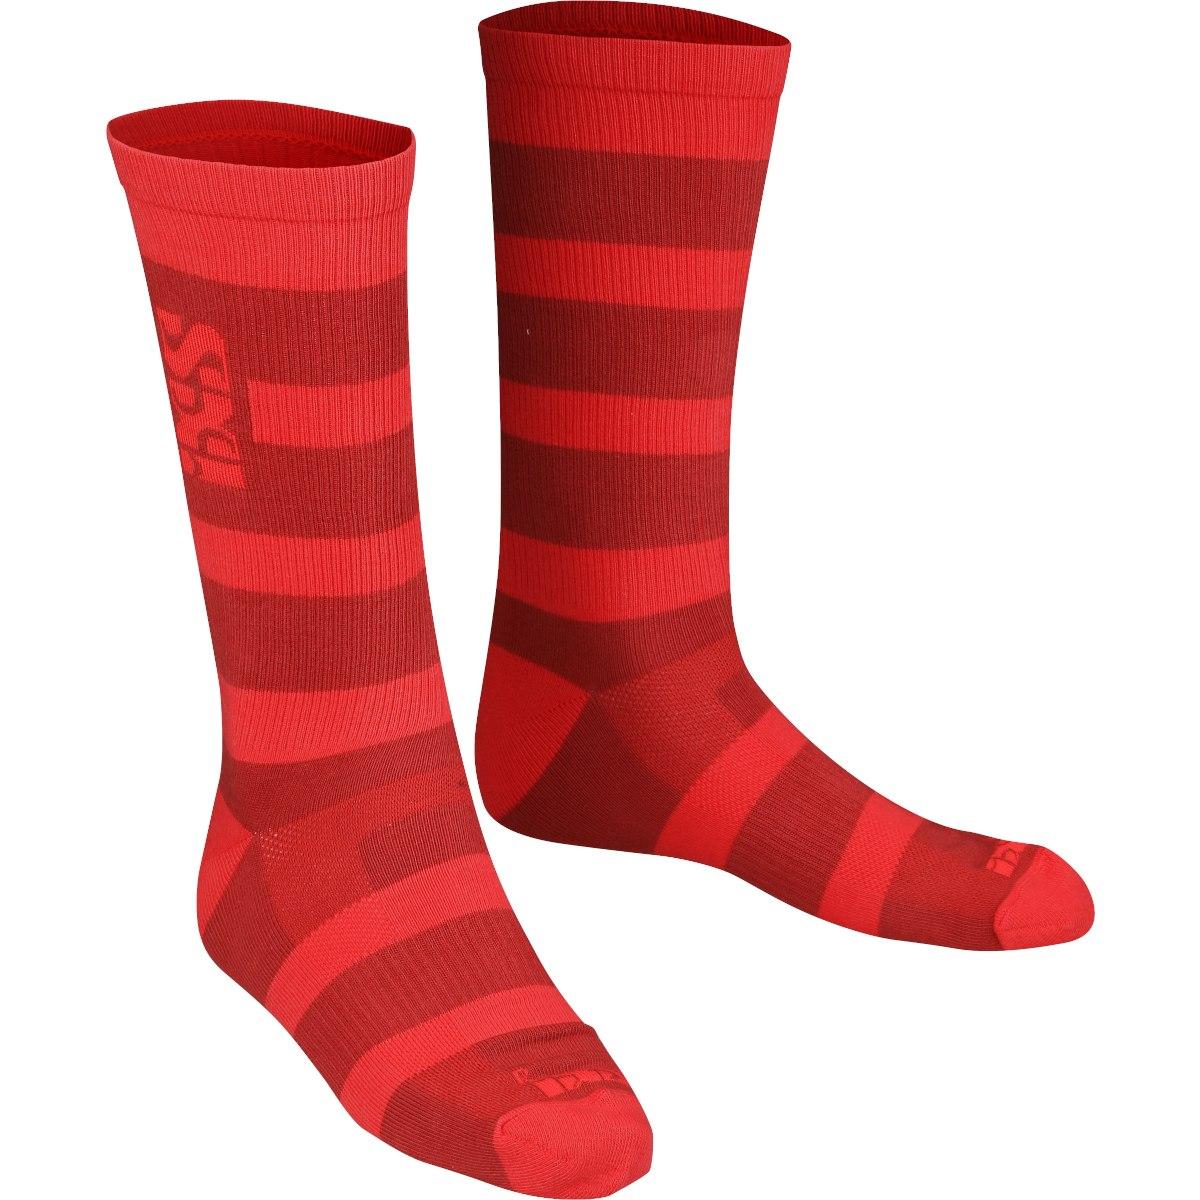 Bild von iXS Triplet Socken (3 Paare) - multicolor